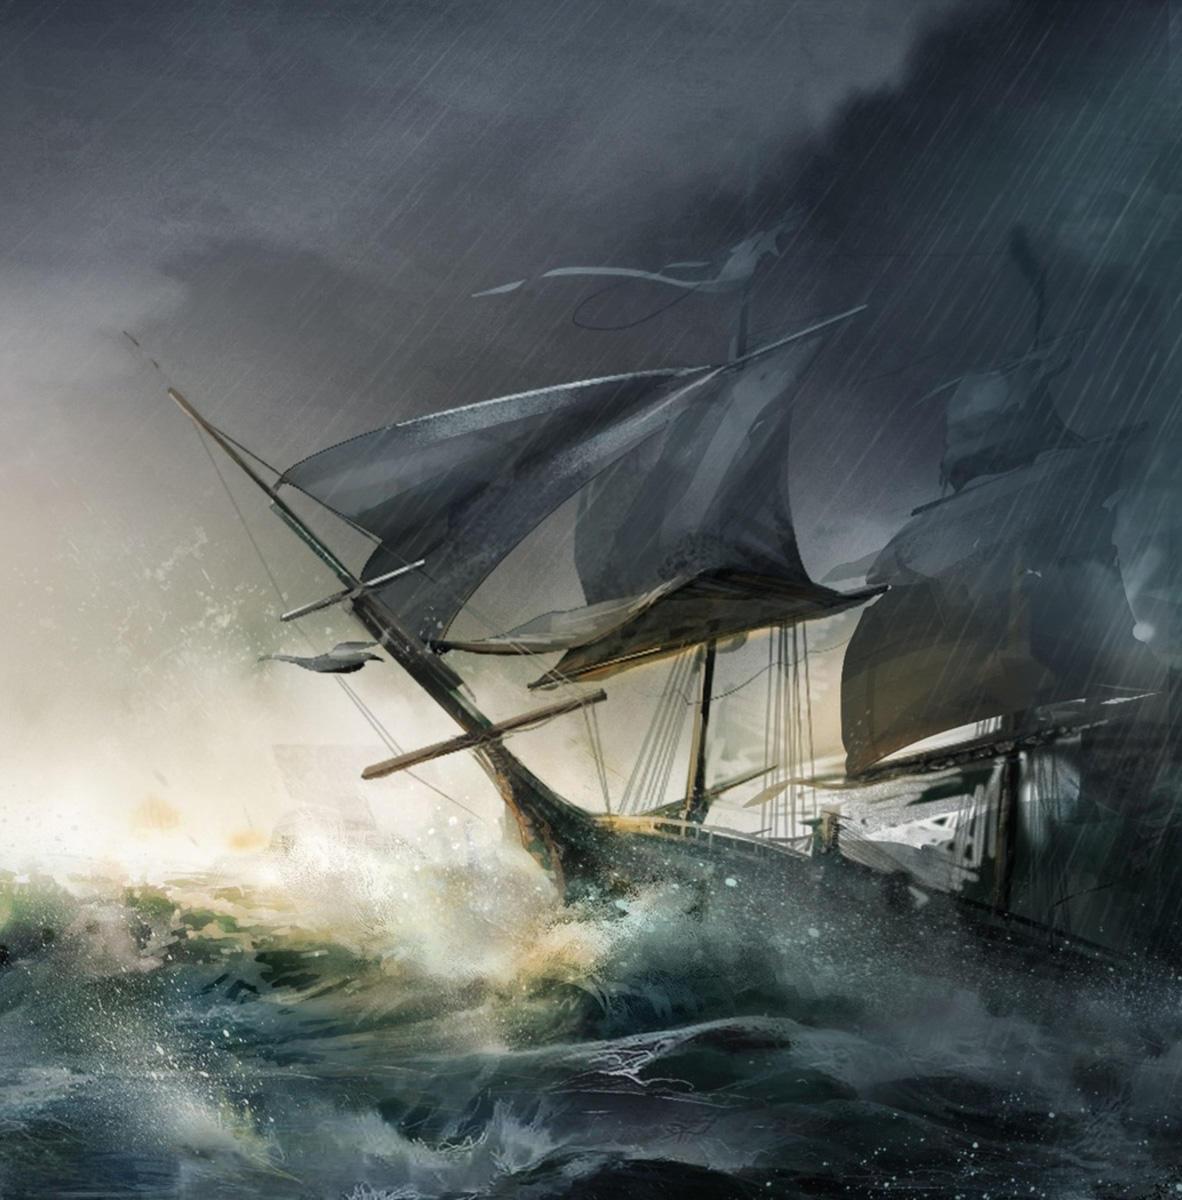 сигарет картинка парусник во время шторма рисунки огромных невероятно